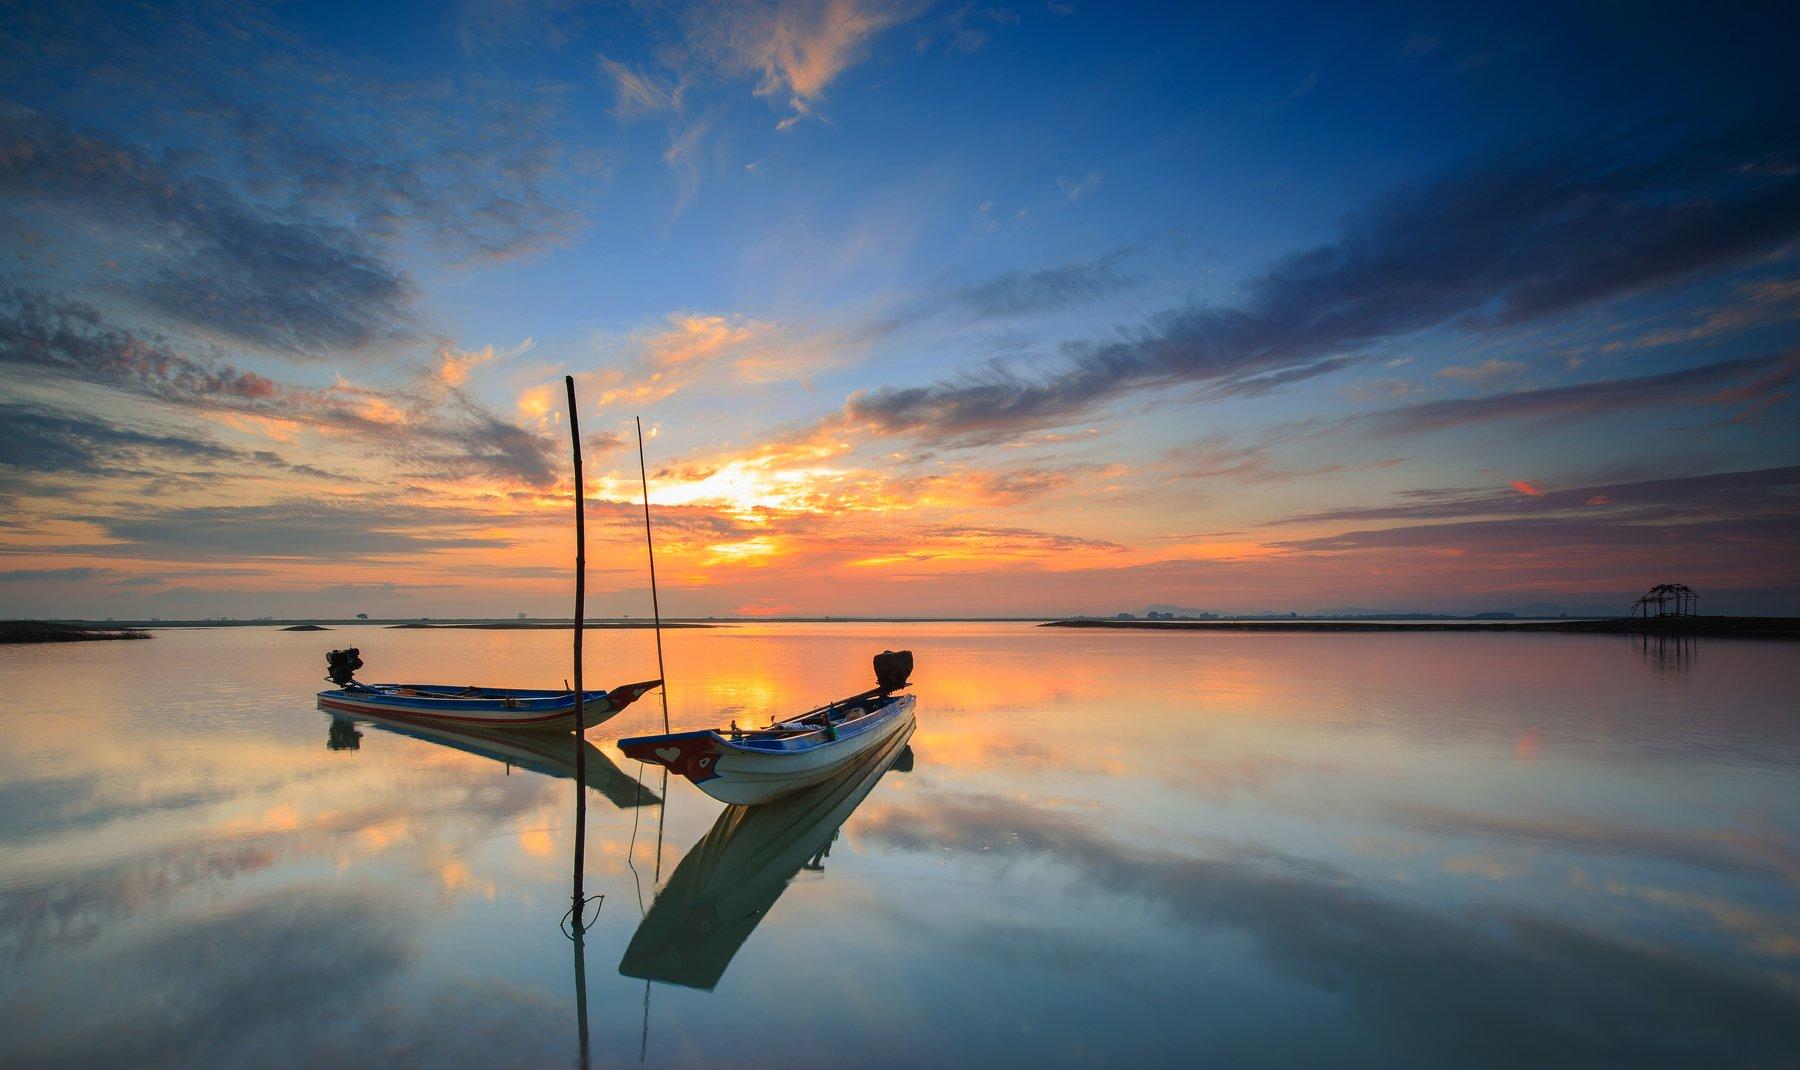 viet nam, lake, boat, Tuấn Nguyễn